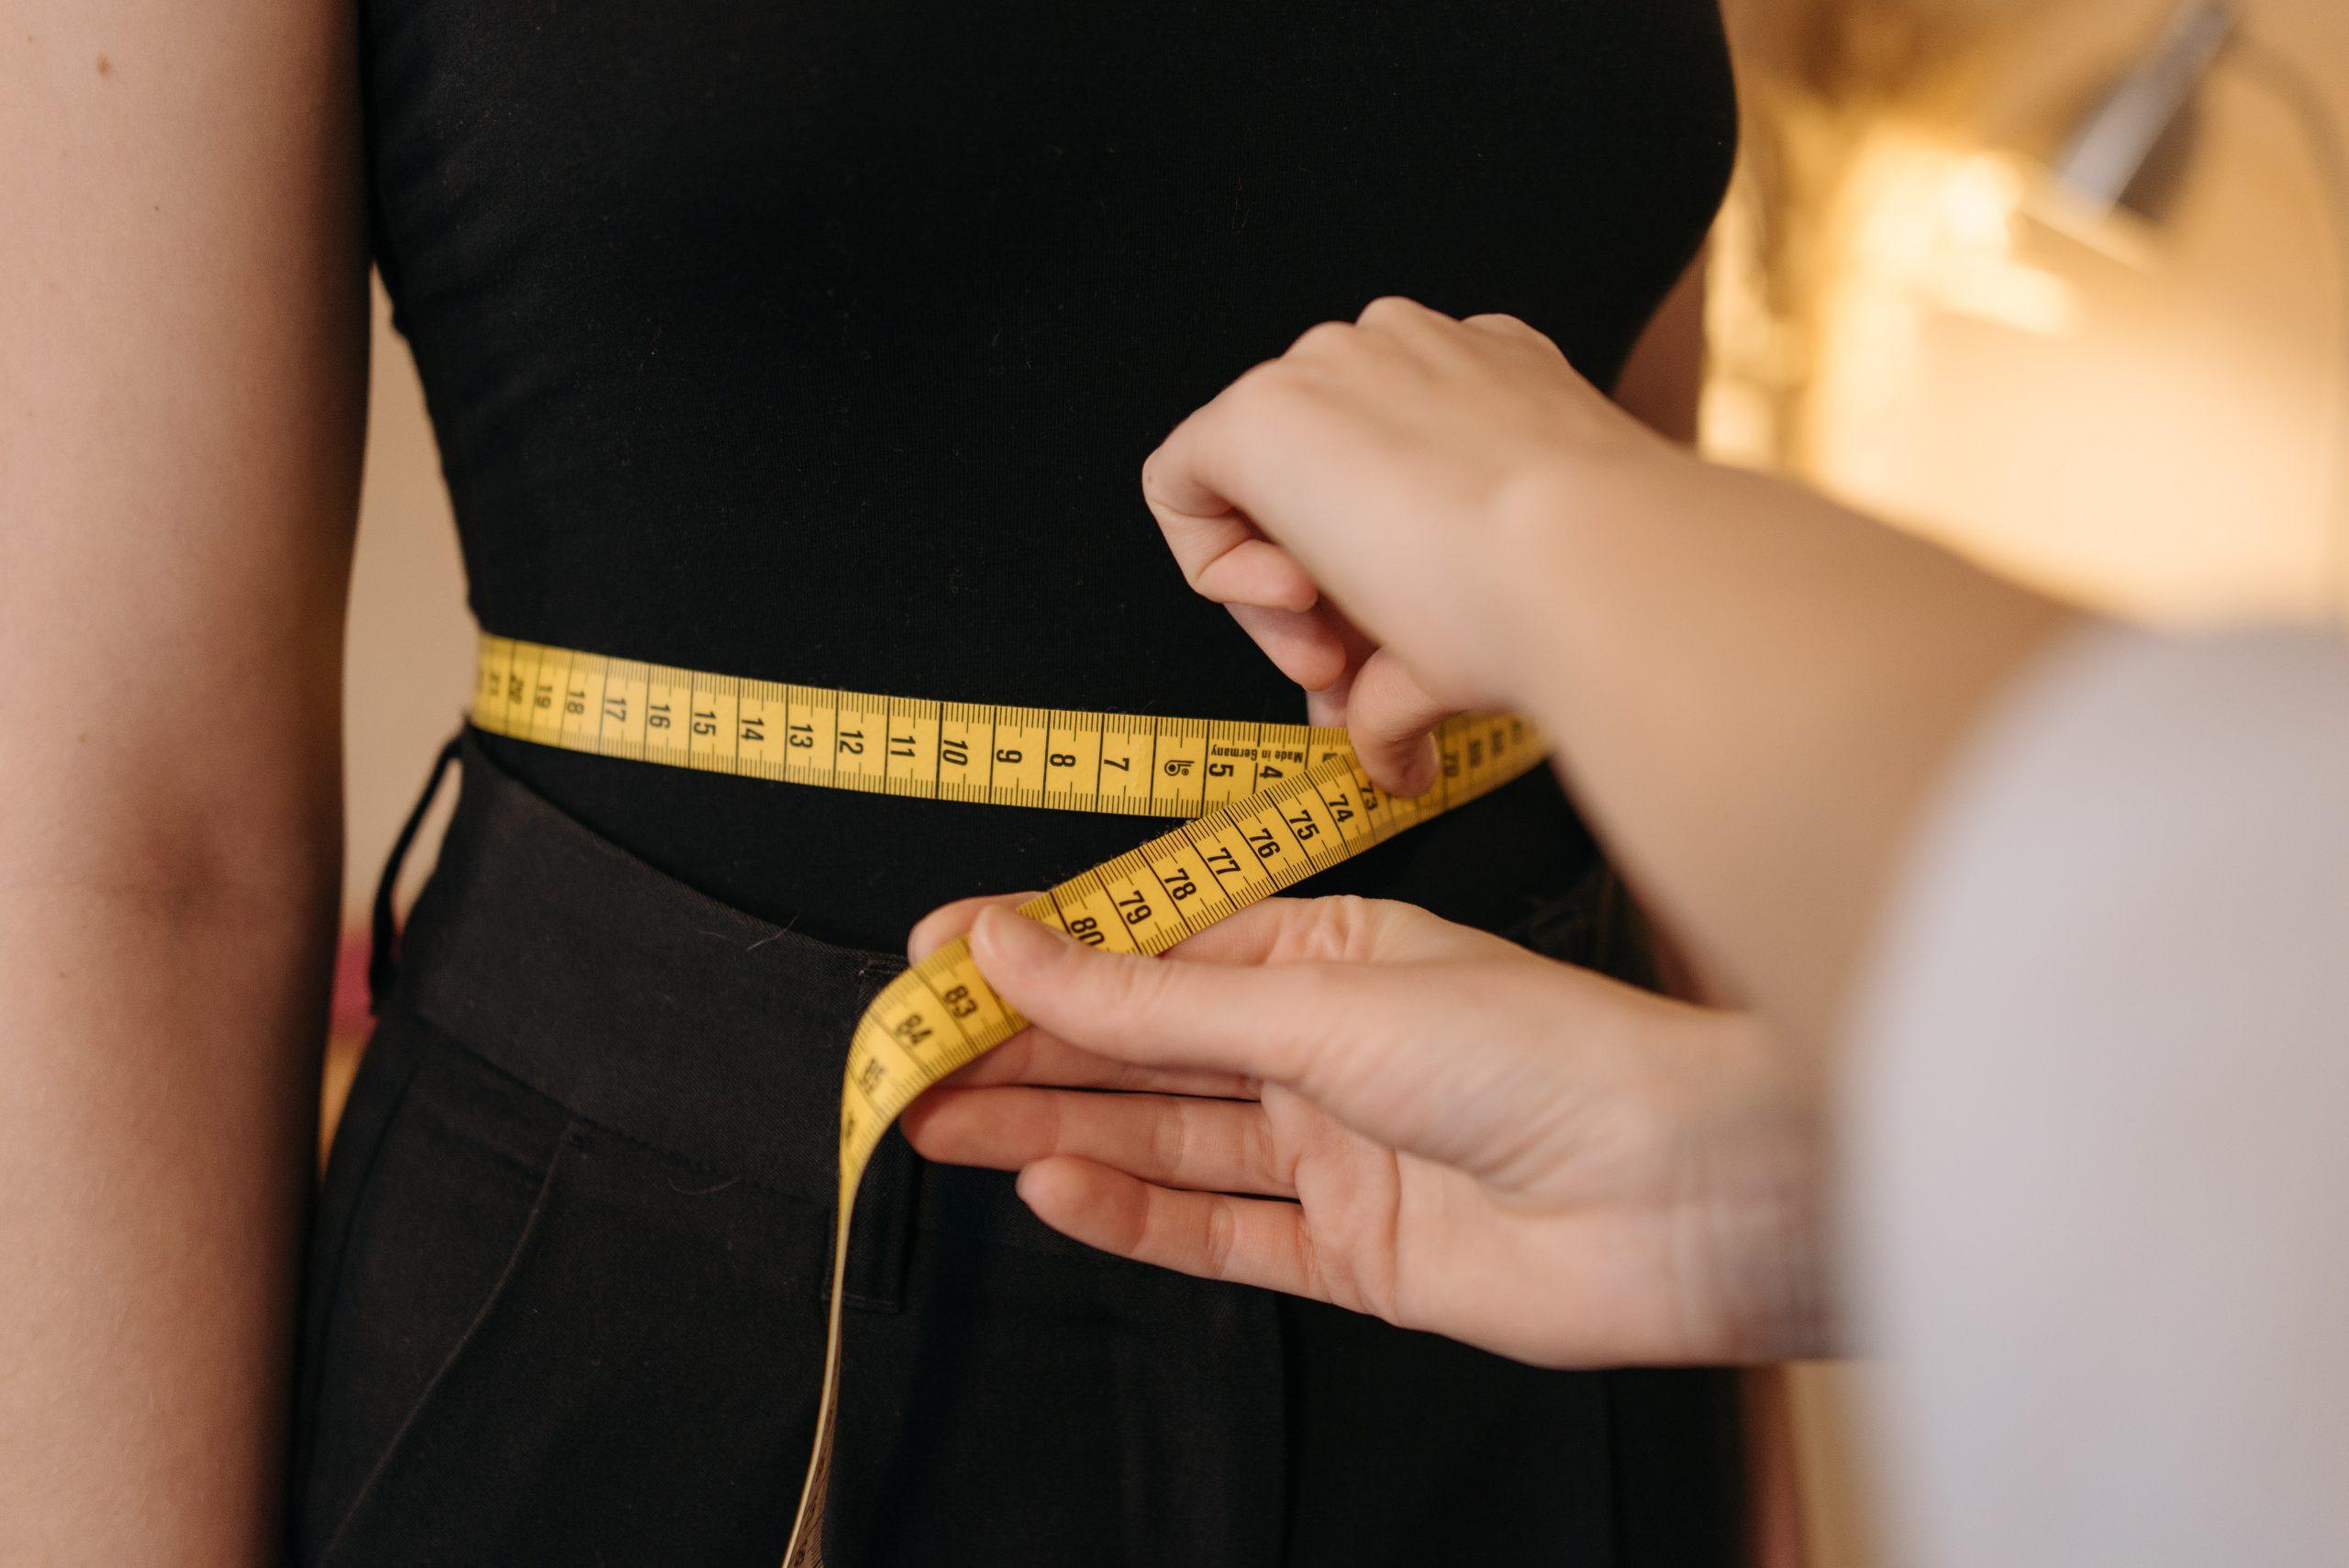 Na foto uma pessoa medindo a cintura de uma mulher com uma fita métrica.